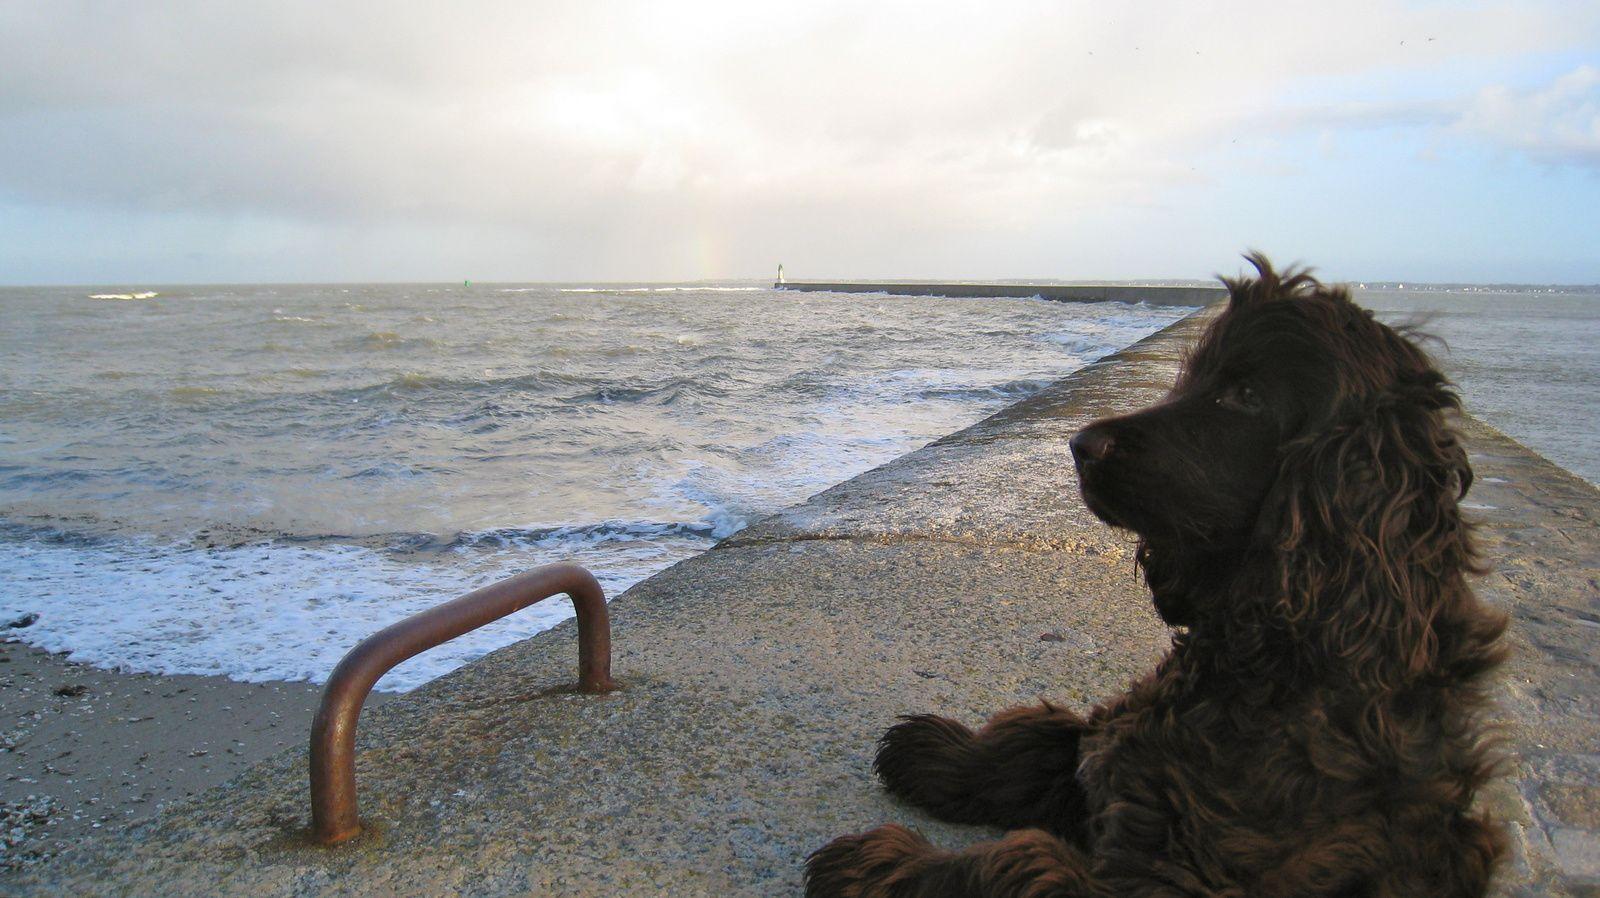 C'est très mouillé l'océan et plutôt glacial en février.